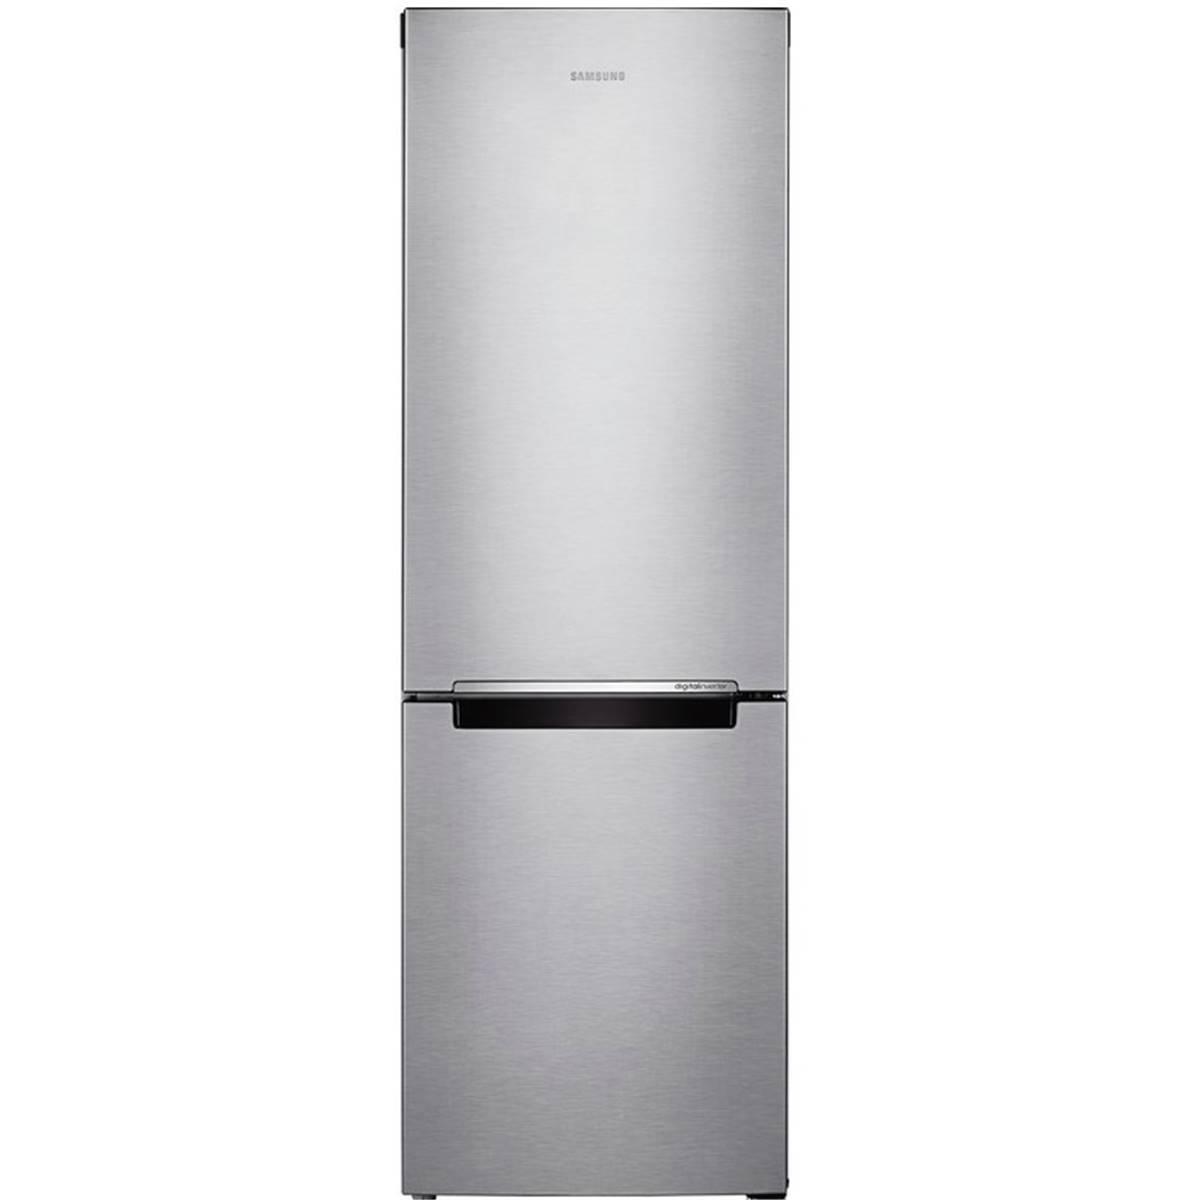 refrigerateur combine samsung rb30j3000sa. Black Bedroom Furniture Sets. Home Design Ideas